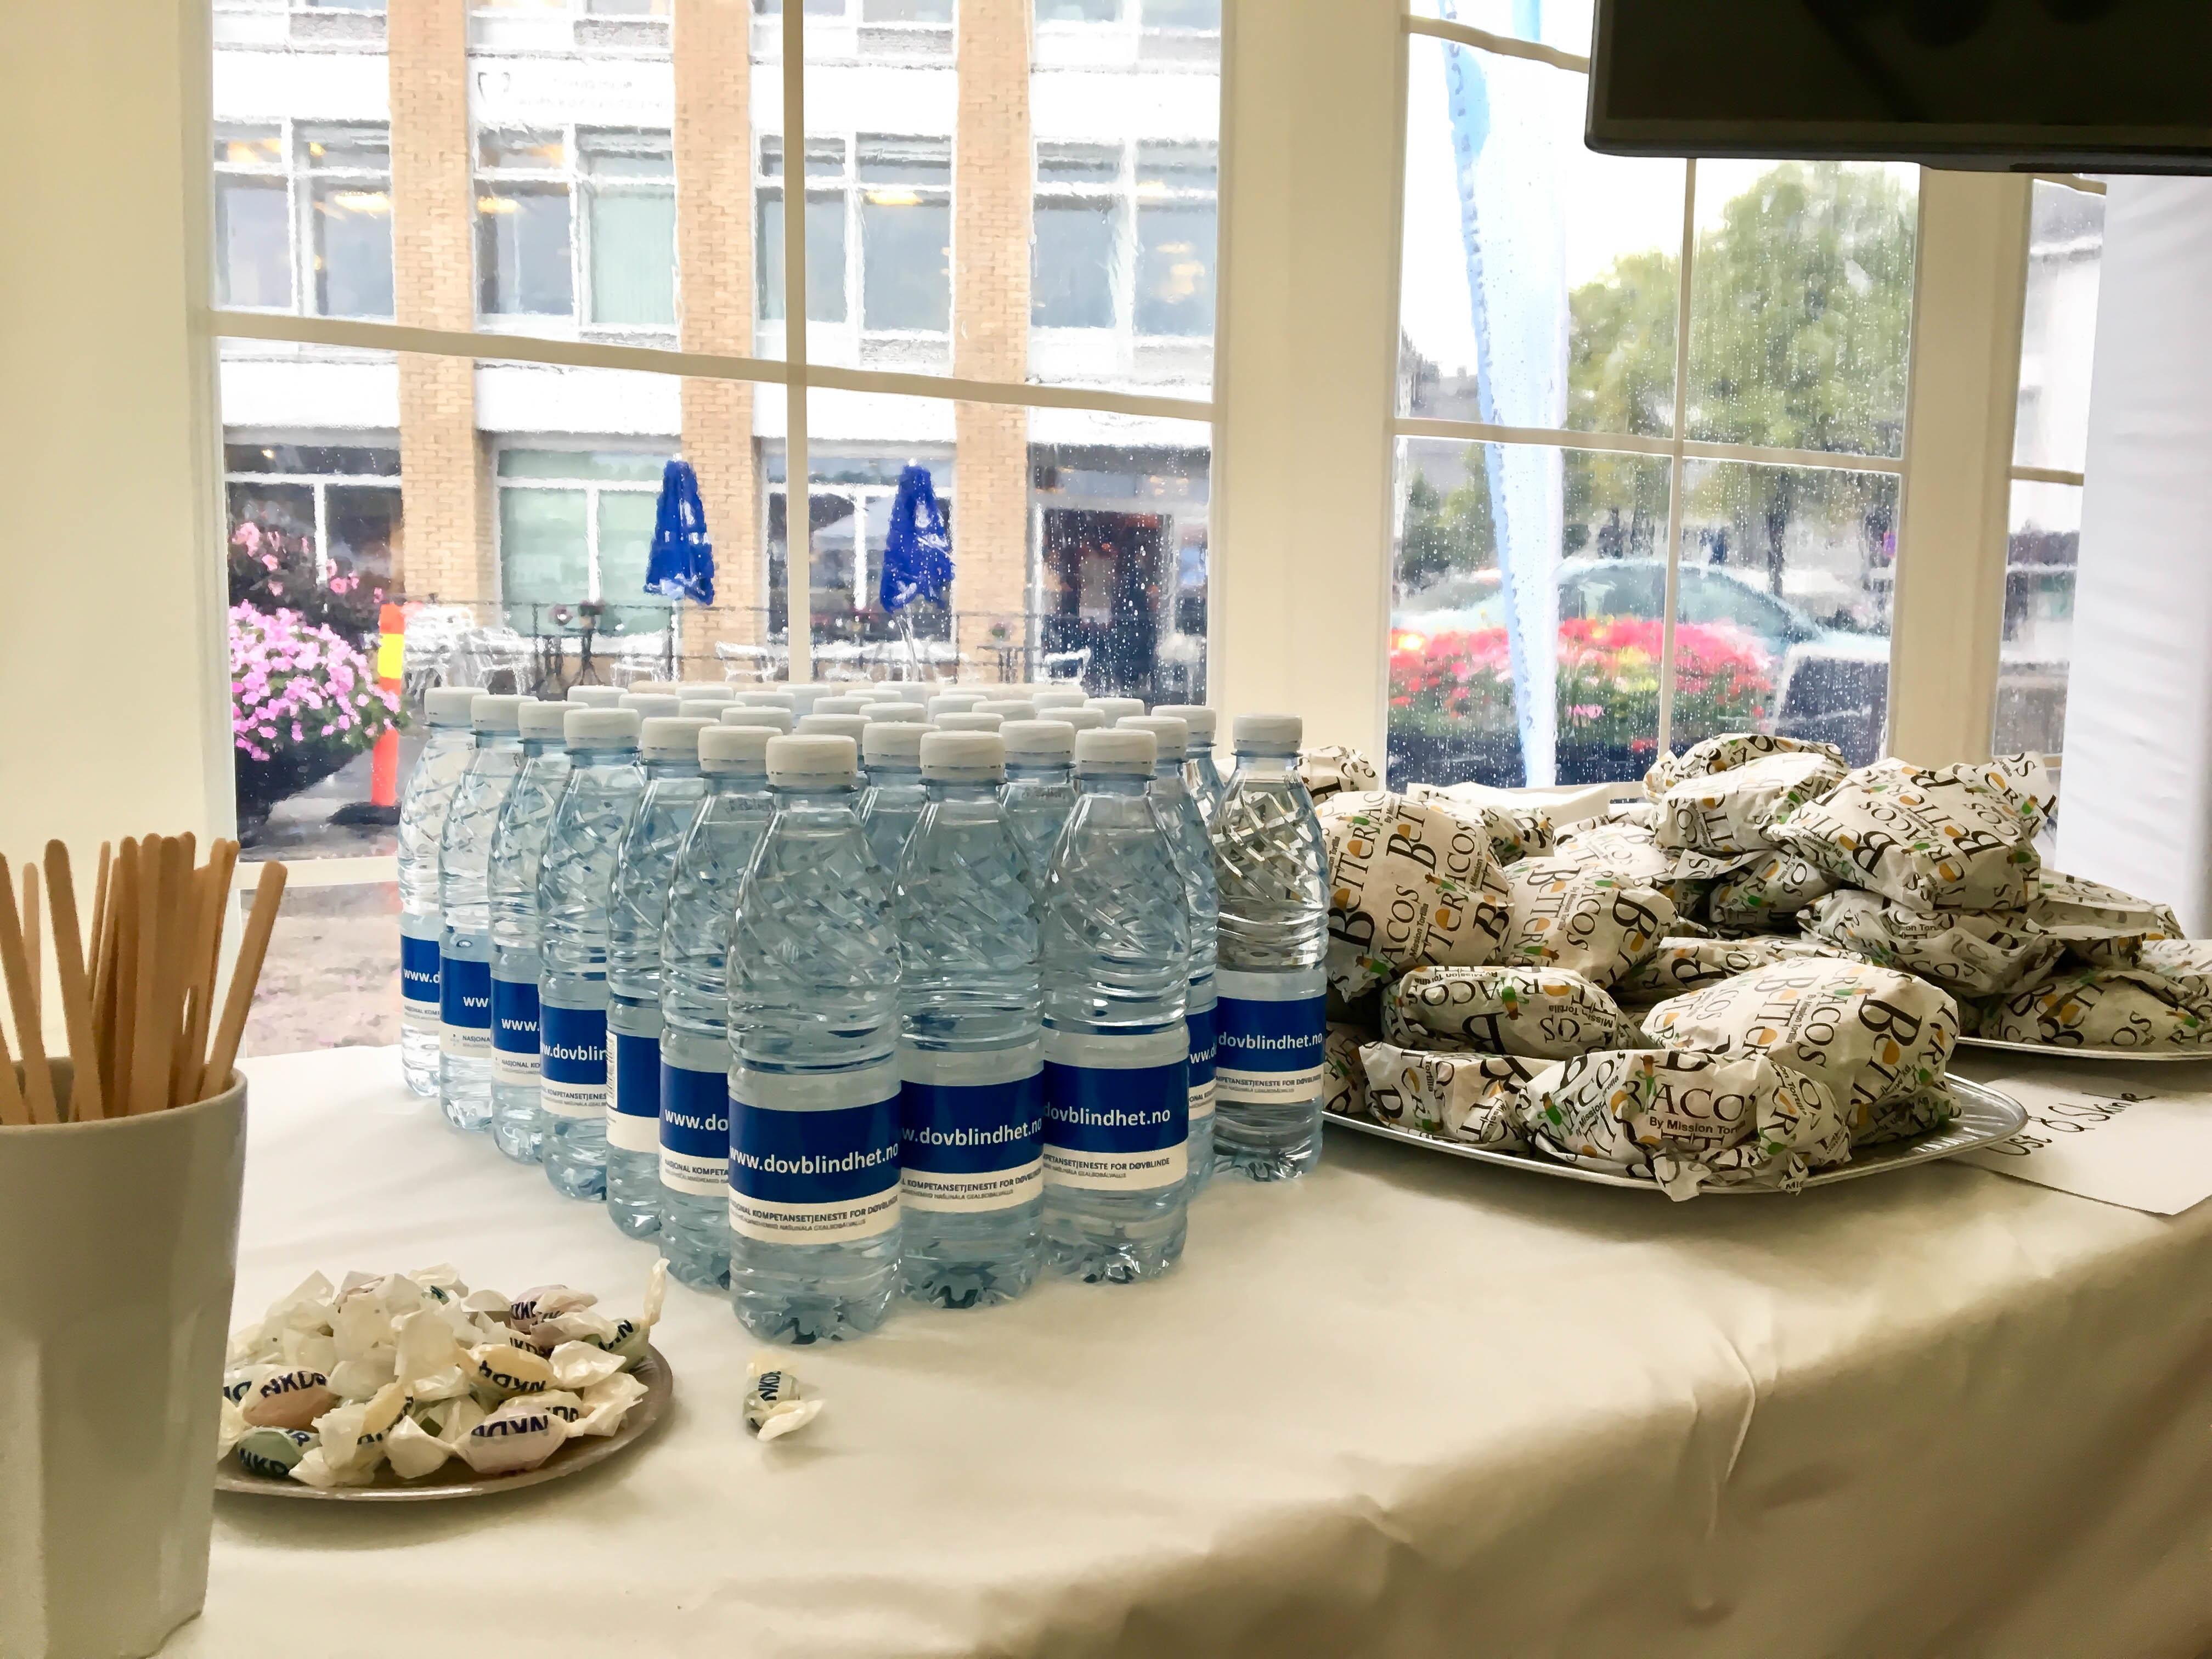 En samling med flaskevann, innpakkete sandwicher og drops på et bord med hvit duk.